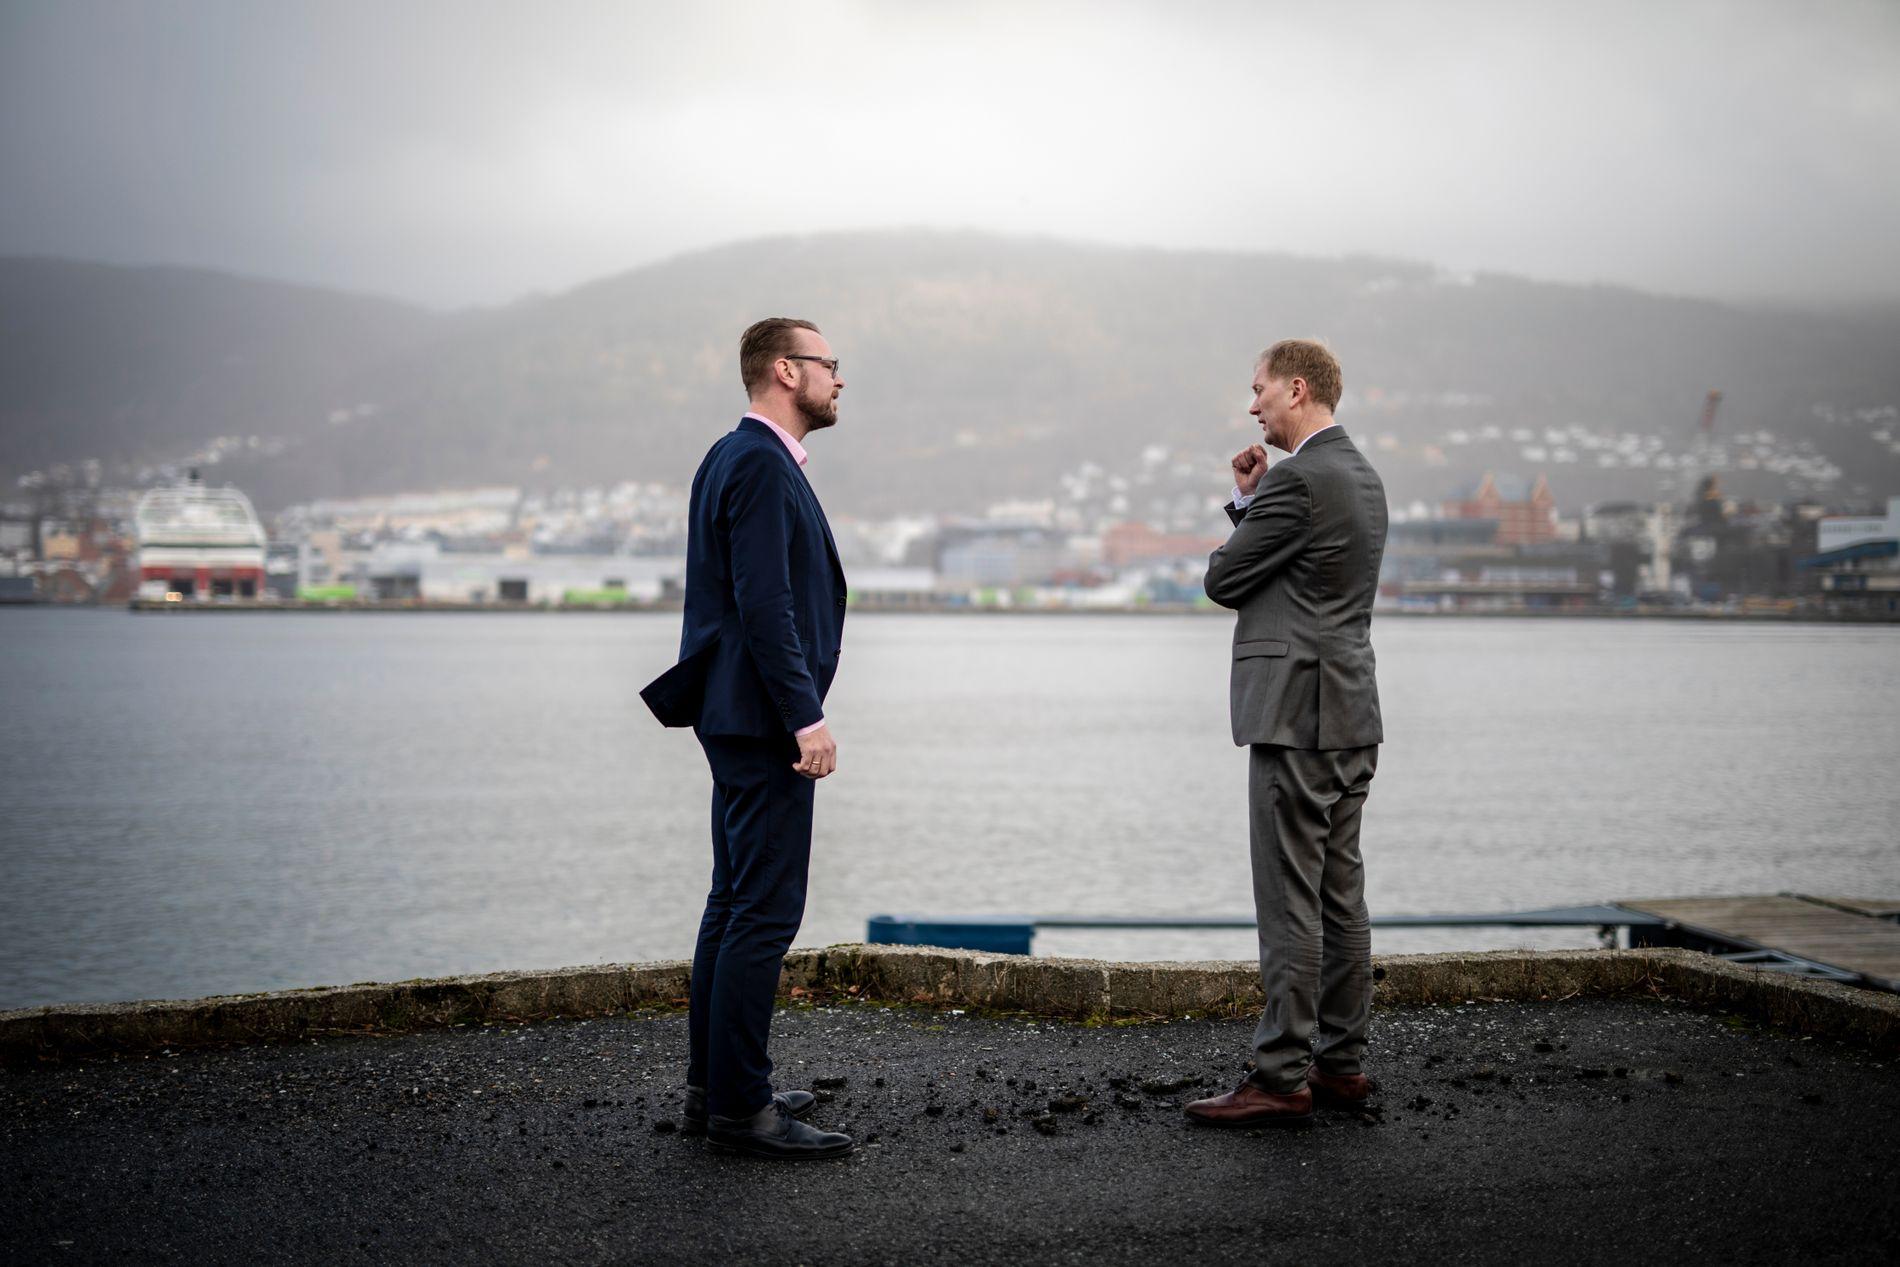 KANSKJE HIT: Byrådsleder Harald Schjelderup (Ap) og Høyres toppkandidat Harald Victor Hove ønsker å få realisert Kjell Inge Røkkes «verdenshavenes hus» i Bergen. Dokken er antakelig den mest aktuelle beliggenheten, om det skulle skje.